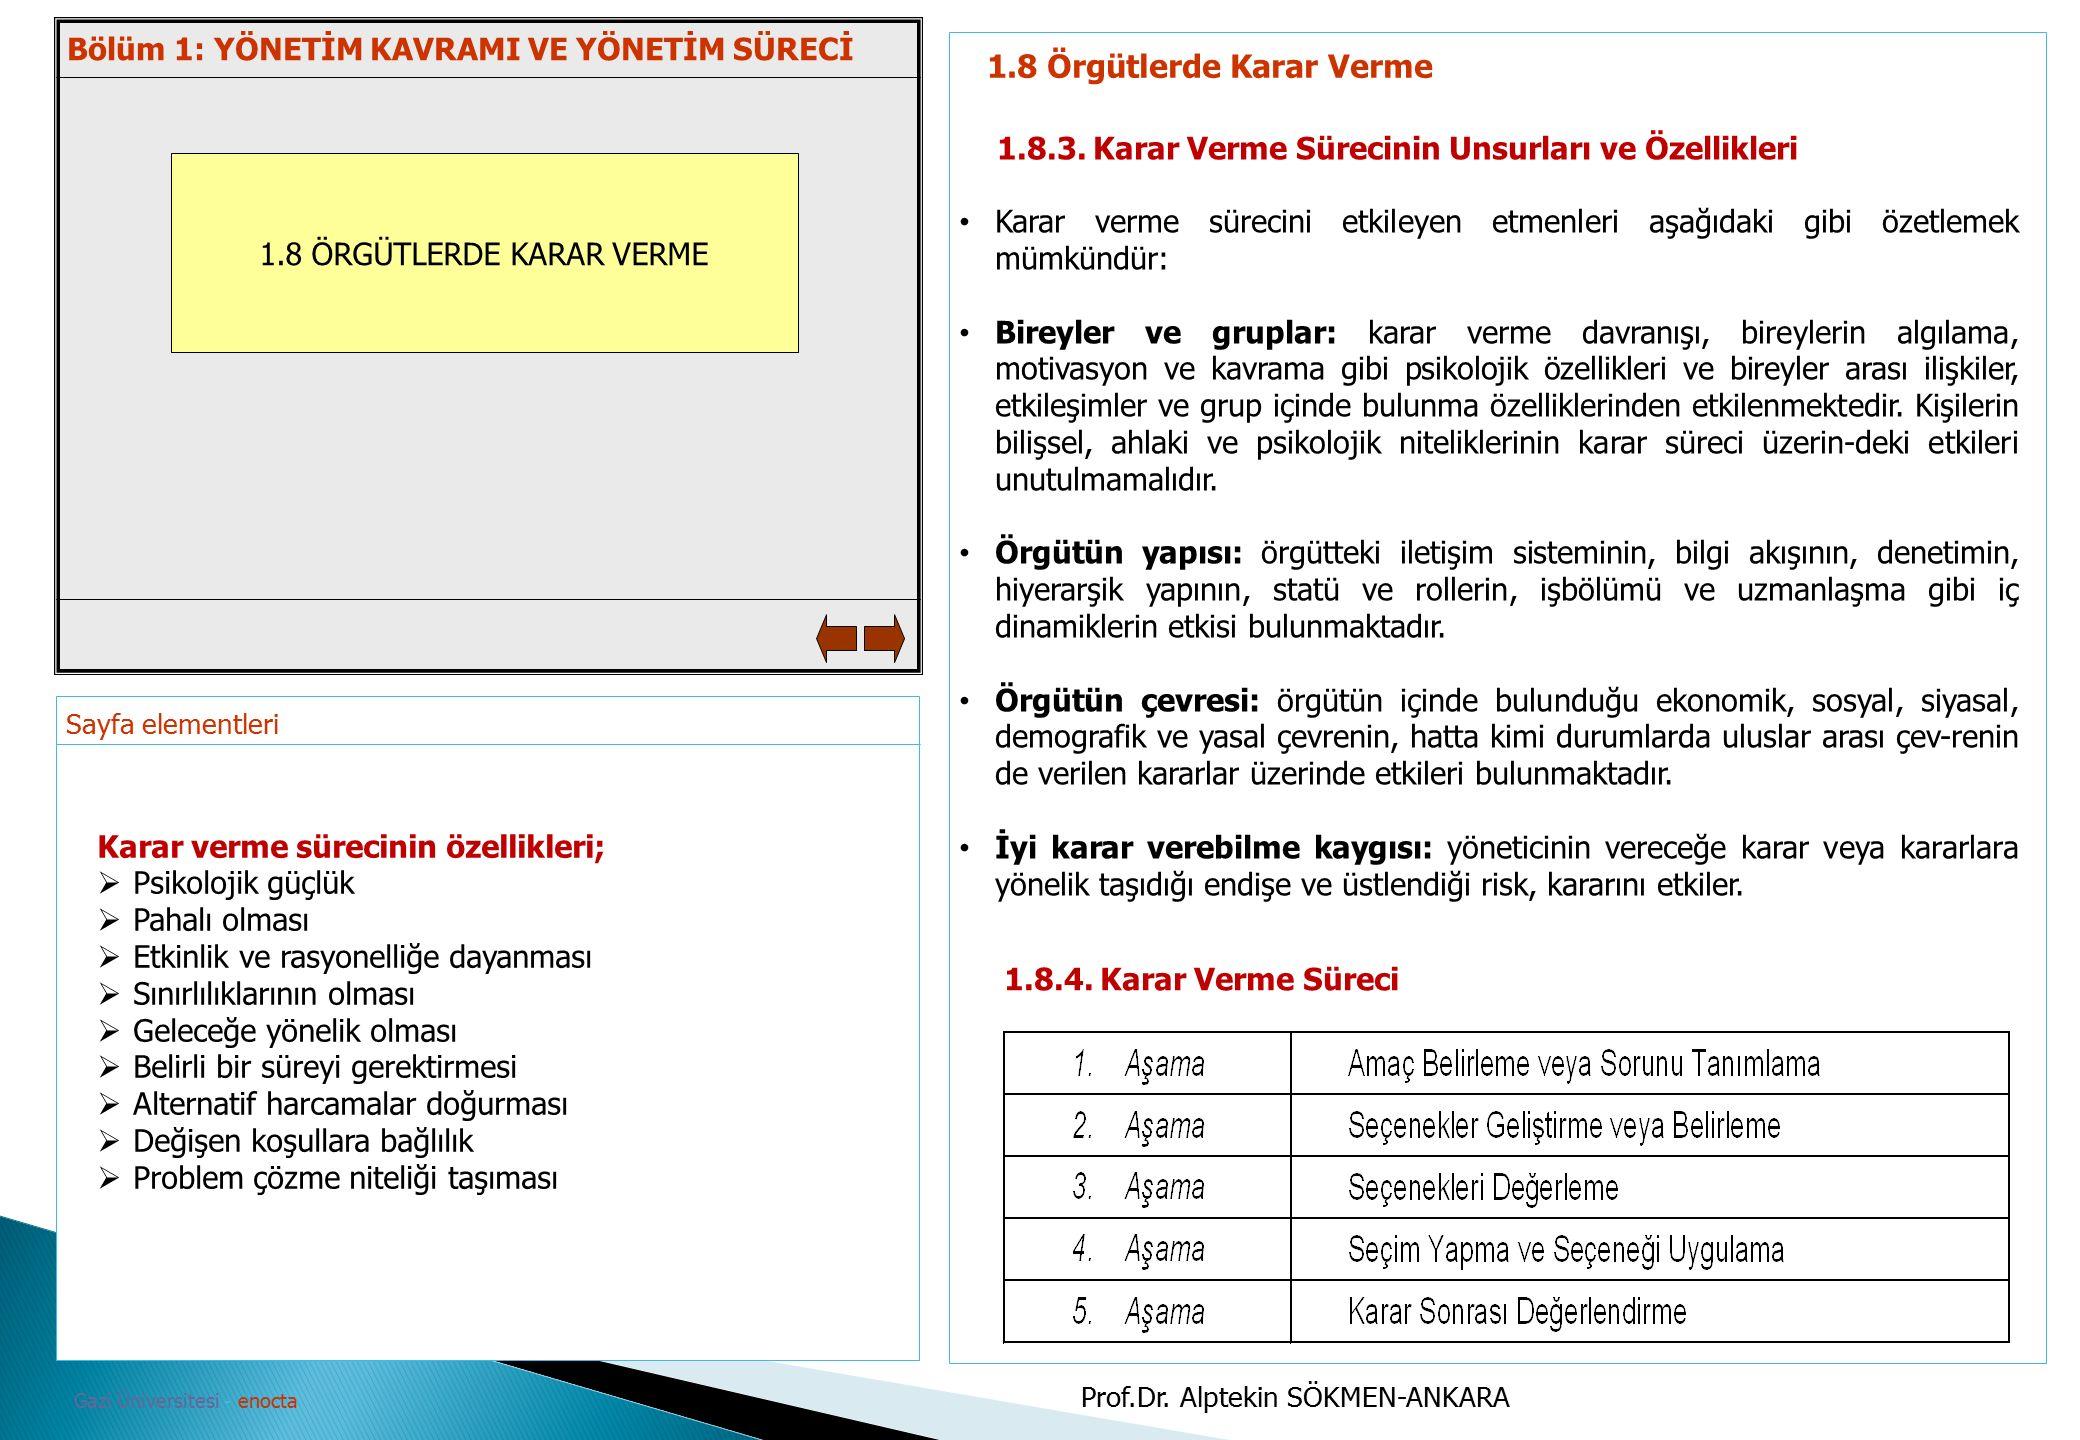 Sayfa elementleri Gazi Üniversitesi - enocta 1.8 ÖRGÜTLERDE KARAR VERME 1.8 Örgütlerde Karar Verme 1.8.3. Karar Verme Sürecinin Unsurları ve Özellikle